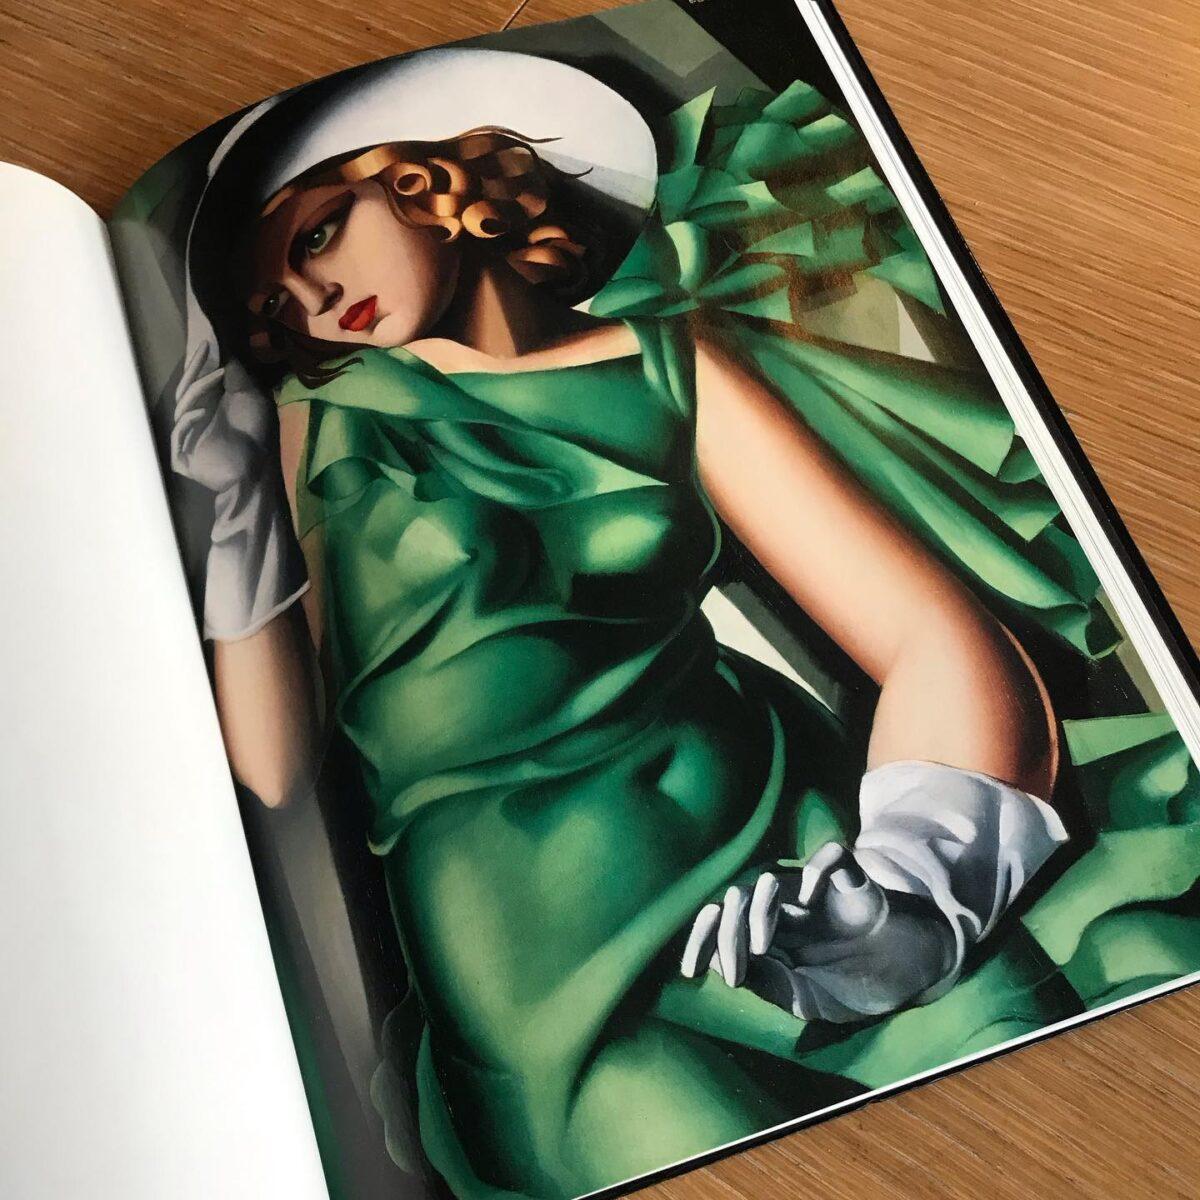 大好きな画家 タマラ ド レンピッカ  20世紀初頭に活躍した彼女は強く生きる当時の女性の象徴だったに違いない  数々のパトロンやモデルと親密な仲となった画家タマラ・ド・レンピッカは、 強い貪欲さをもって露骨な官能性を表現し、アール・デコを押し広げた画家だ  強い女性は大好きだ かかあ天下のこの群馬県、そんな女性が居る家庭で育った私には強い女性は当たり前になったのかもしれない  現代の強い女性の代表格と言えば マドンナを置いて他に居ないだろう  そしてこの タマラ ド レンピッカの 作品の大多数はマドンナ 彼女が買い占め 所有している  つまり、マドンナはレンピッカの大ファンだ 時代を超えてもこの2人には共通点があるようだ  名声、才能、富、、、 一見全てを手に入れたかに見えるが 幸せな家庭 だけは彼女たちは手に入れられ無かったようだ。  そして、女性は 全てを手に入れた女を嫌う と作家 塩野 七生 女史は言っていた。